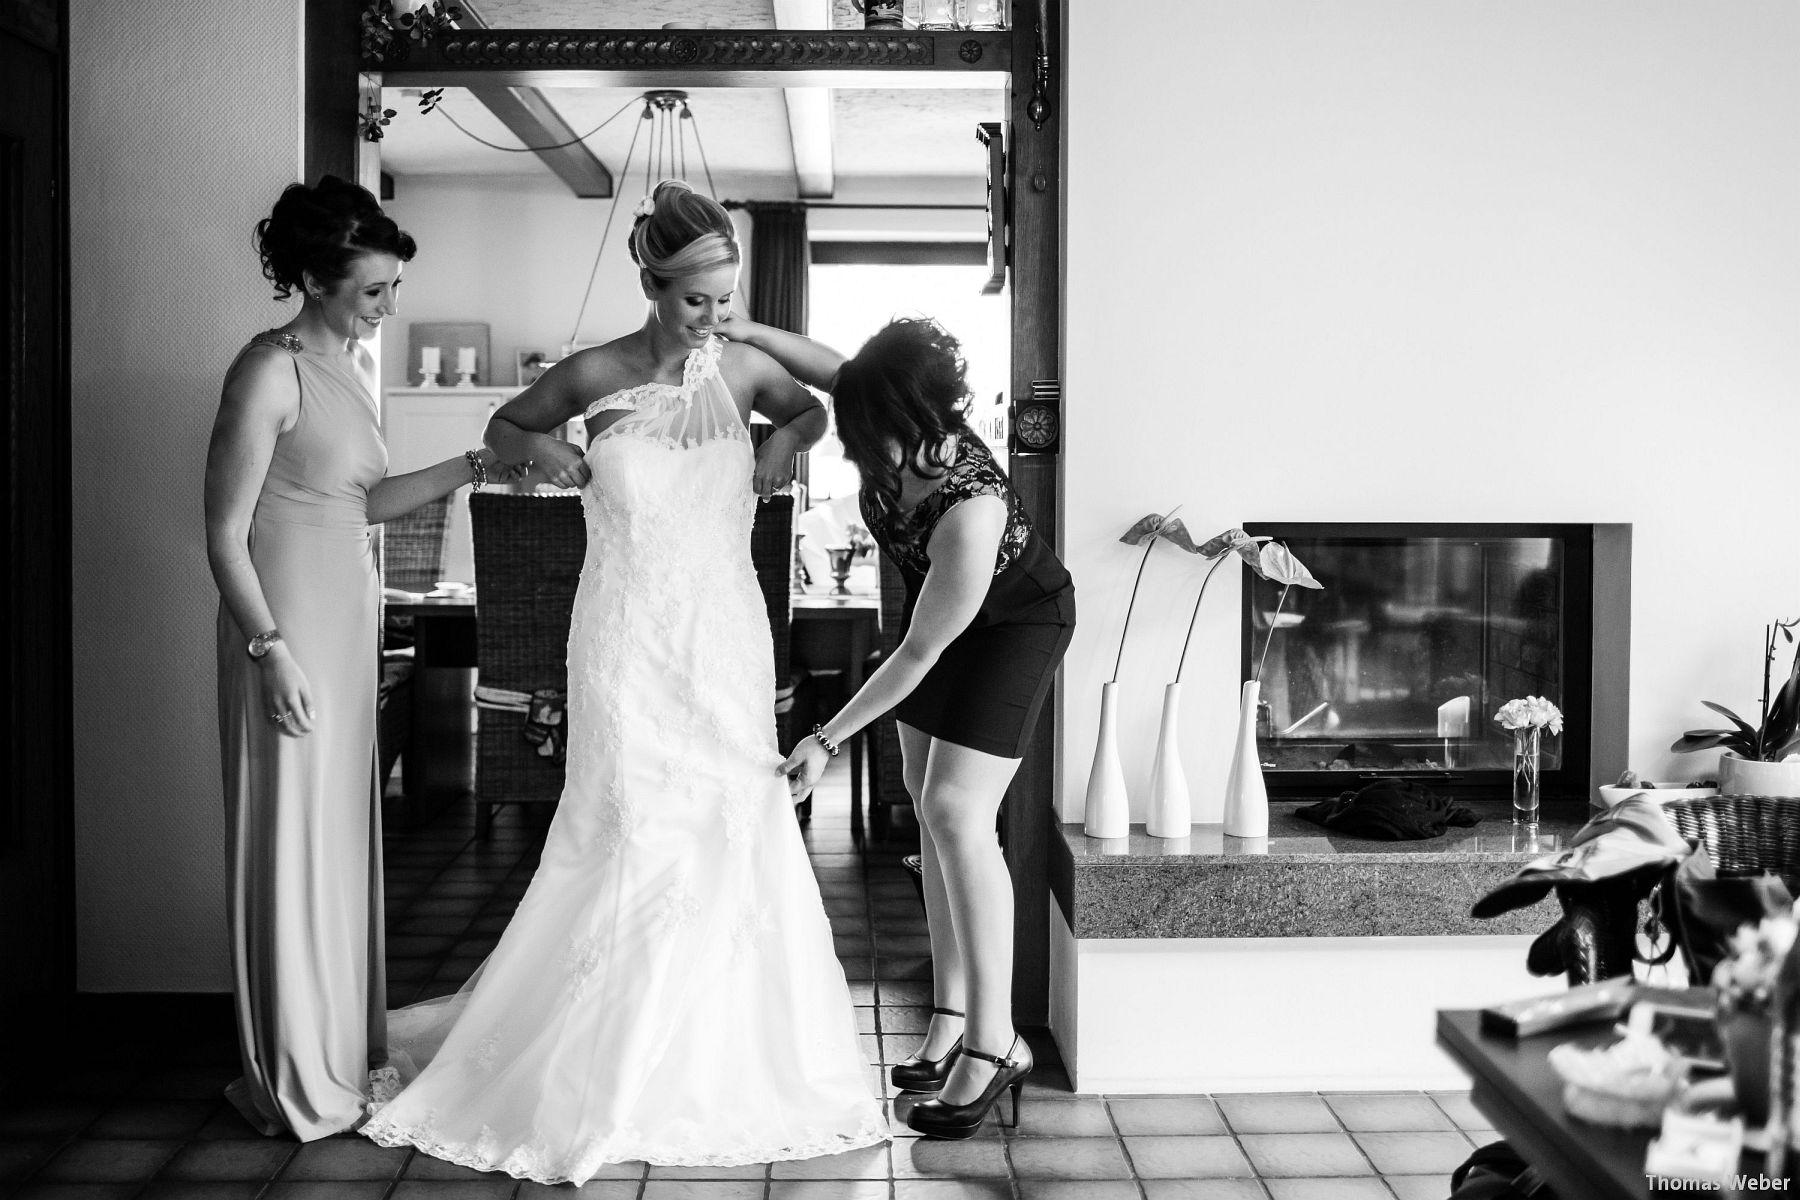 Hochzeitsfotograf Oldenburg: Hochzeit in der Eventscheune St. Georg in Rastede (22)